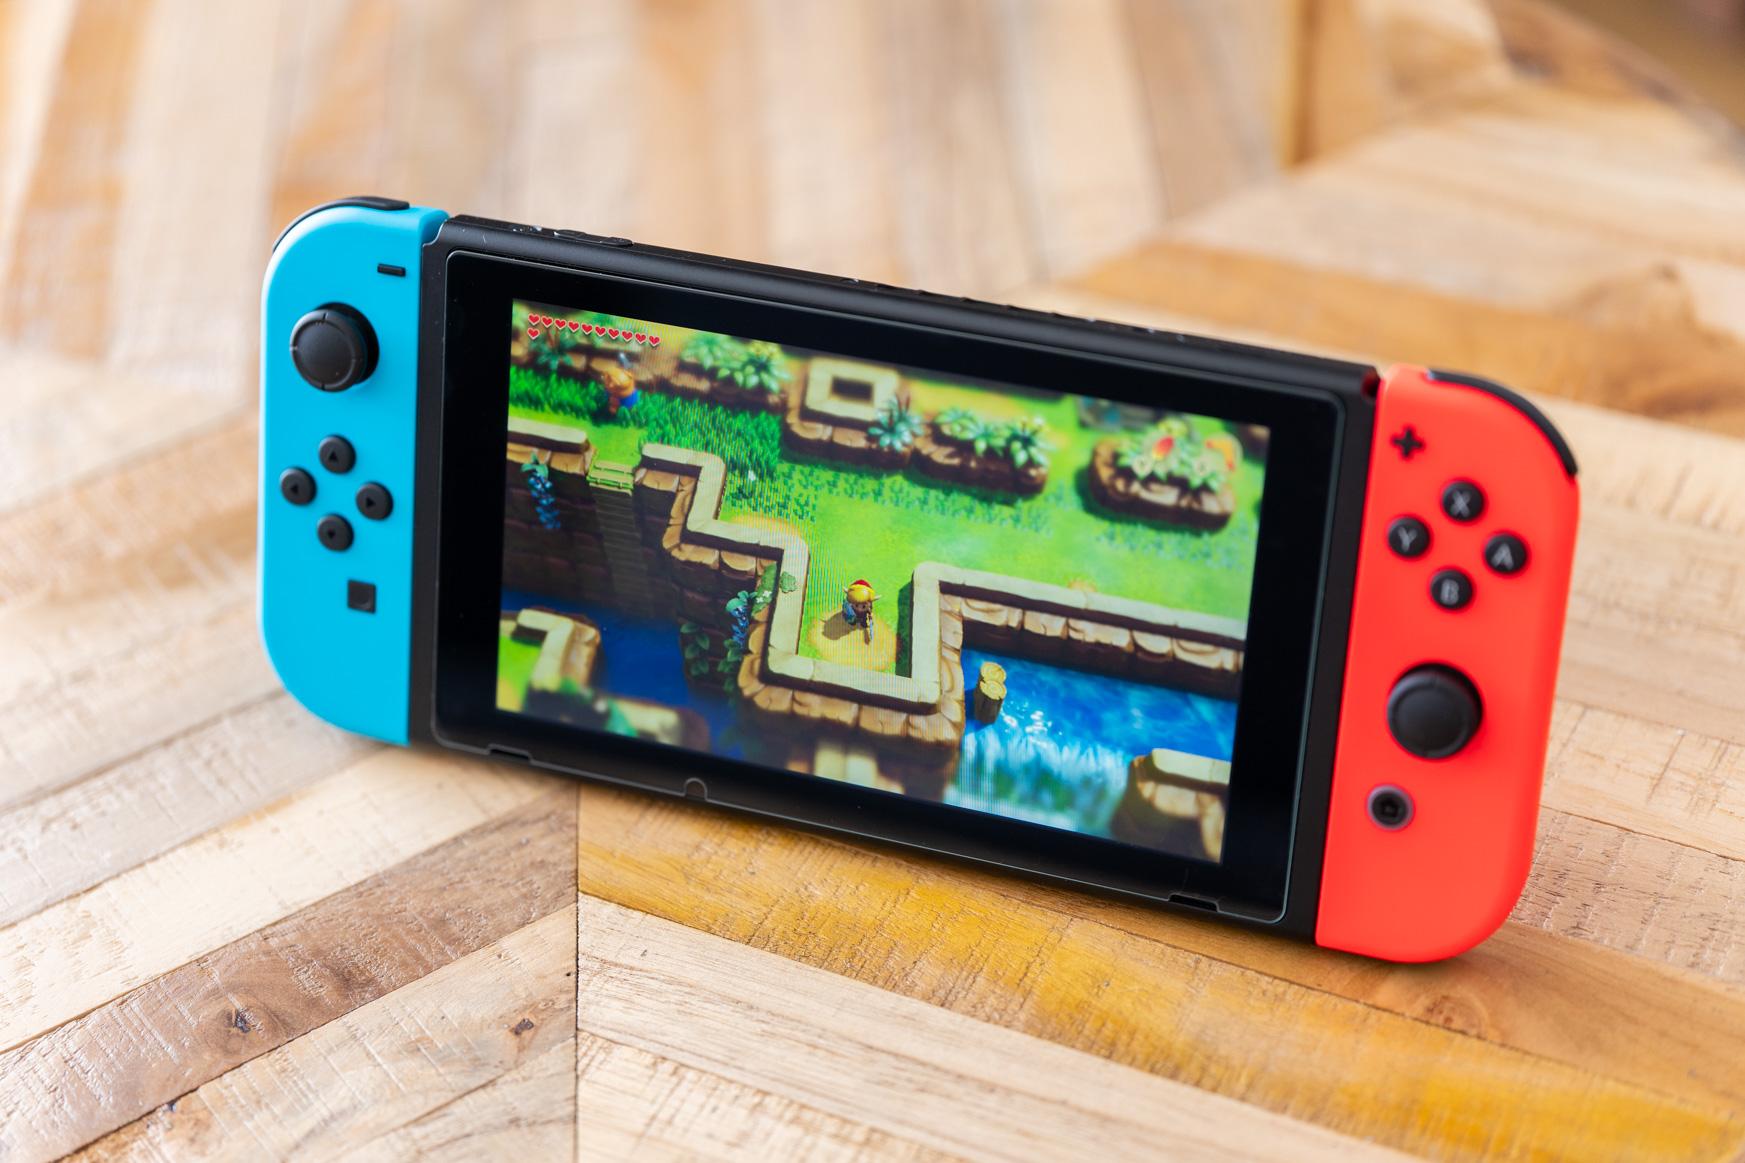 Nintendo Switch-en eguneratze garrantzitsua: jolasak kartara transferituko dituzu, botoien moldaketa PS4 aldatuko duzu